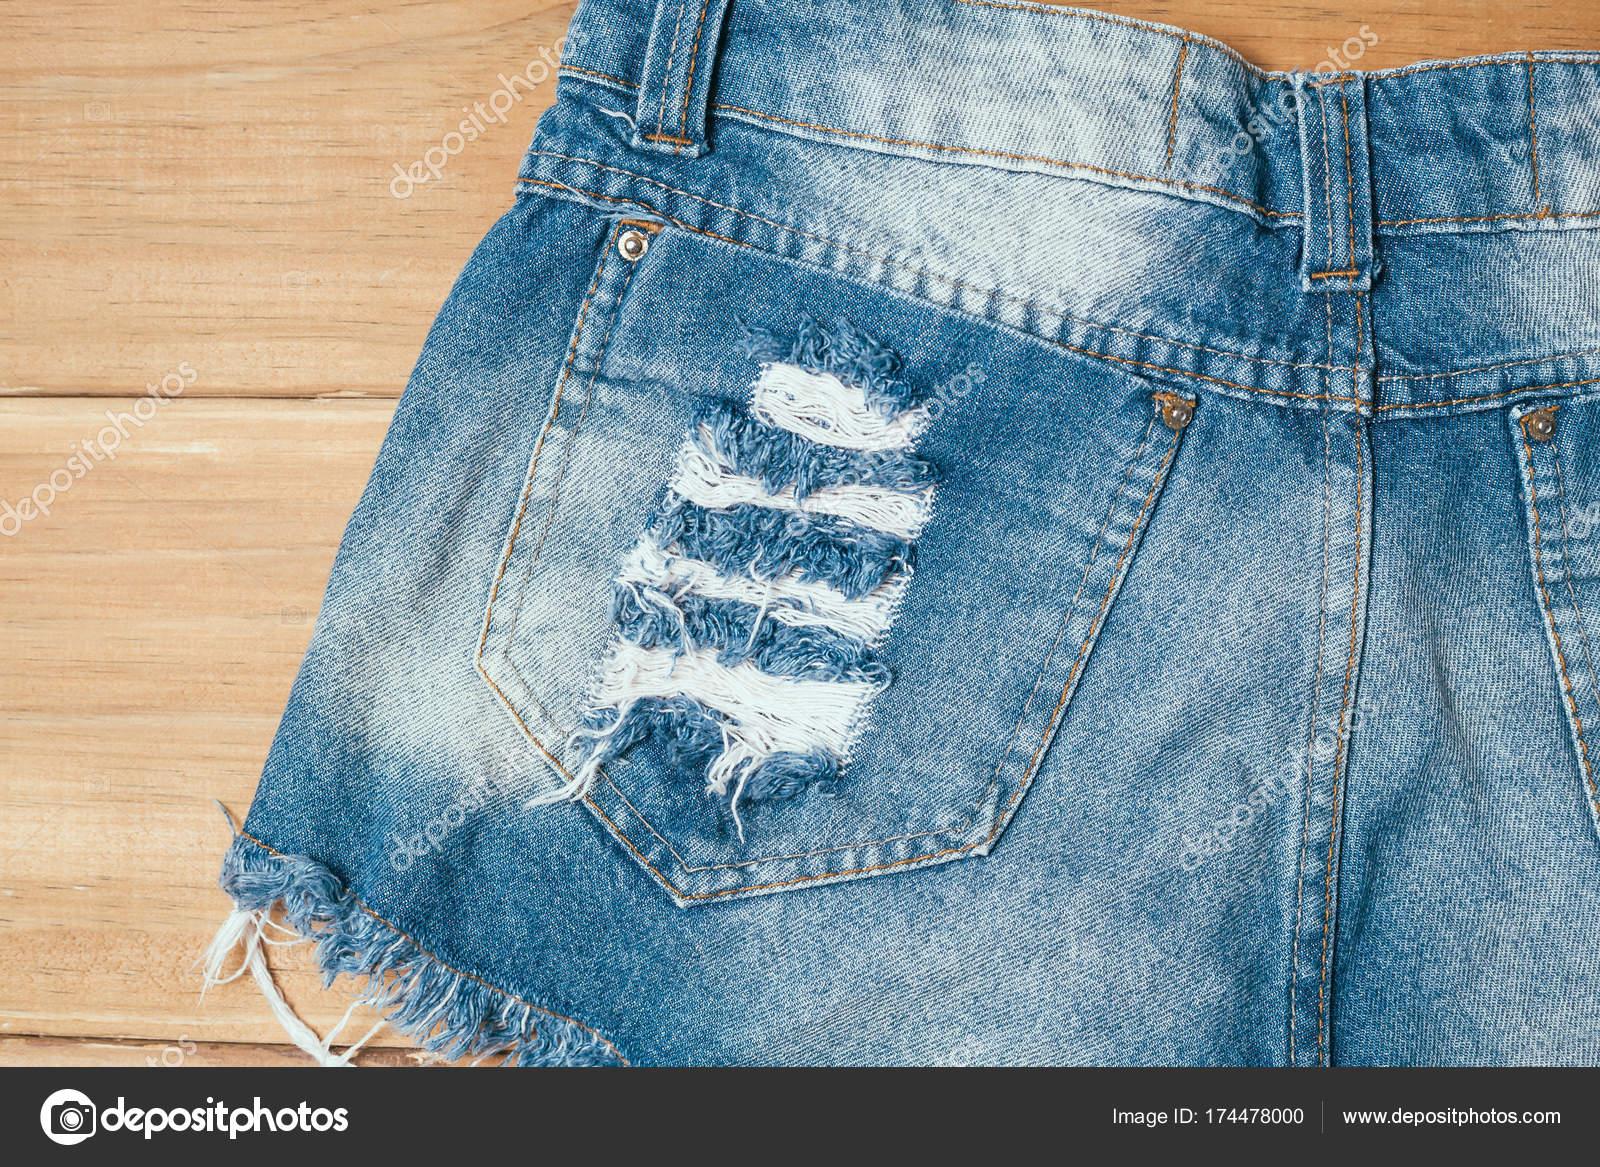 08a70a9966 Pantalones cortos de mujer jeans rotos azul sobre fondo de madera vieja —  Fotos de Stock